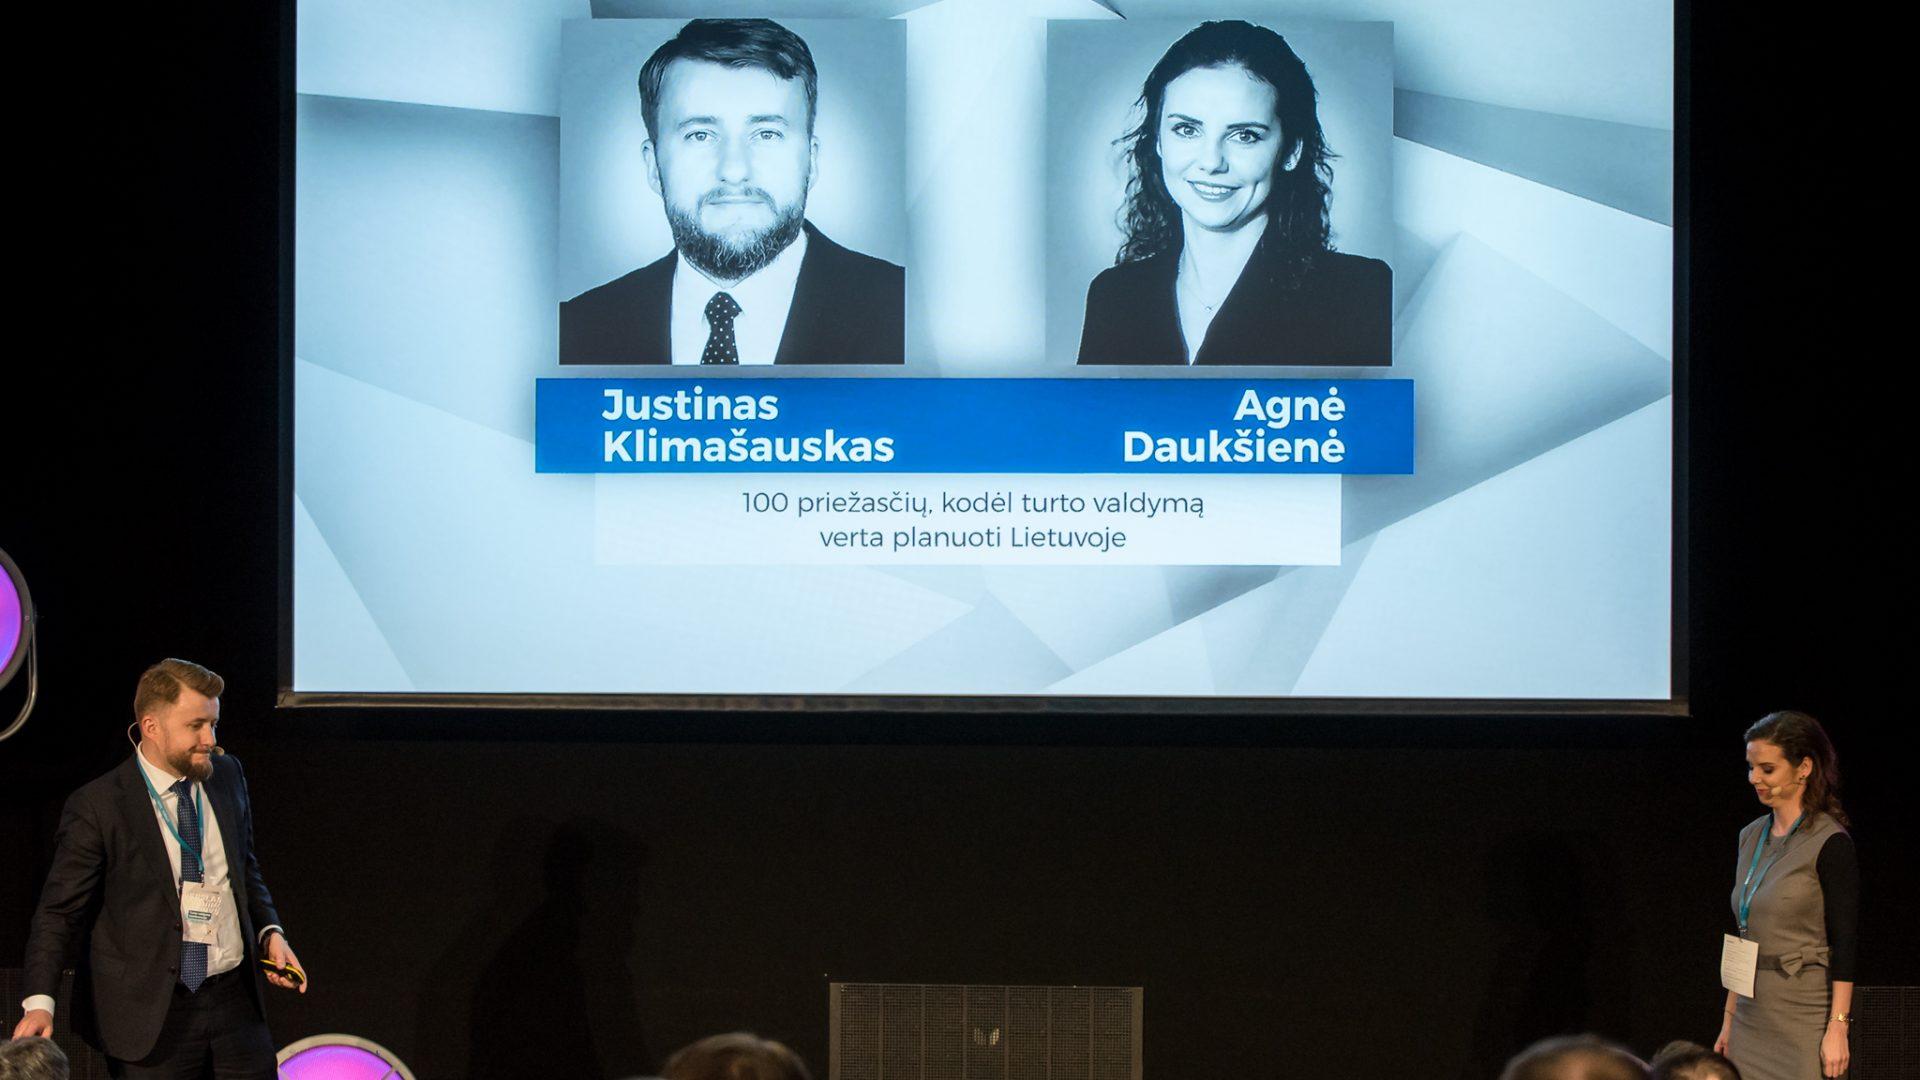 Justinas Klimašauskas; Agnė Daukšienė, Wealth360;;